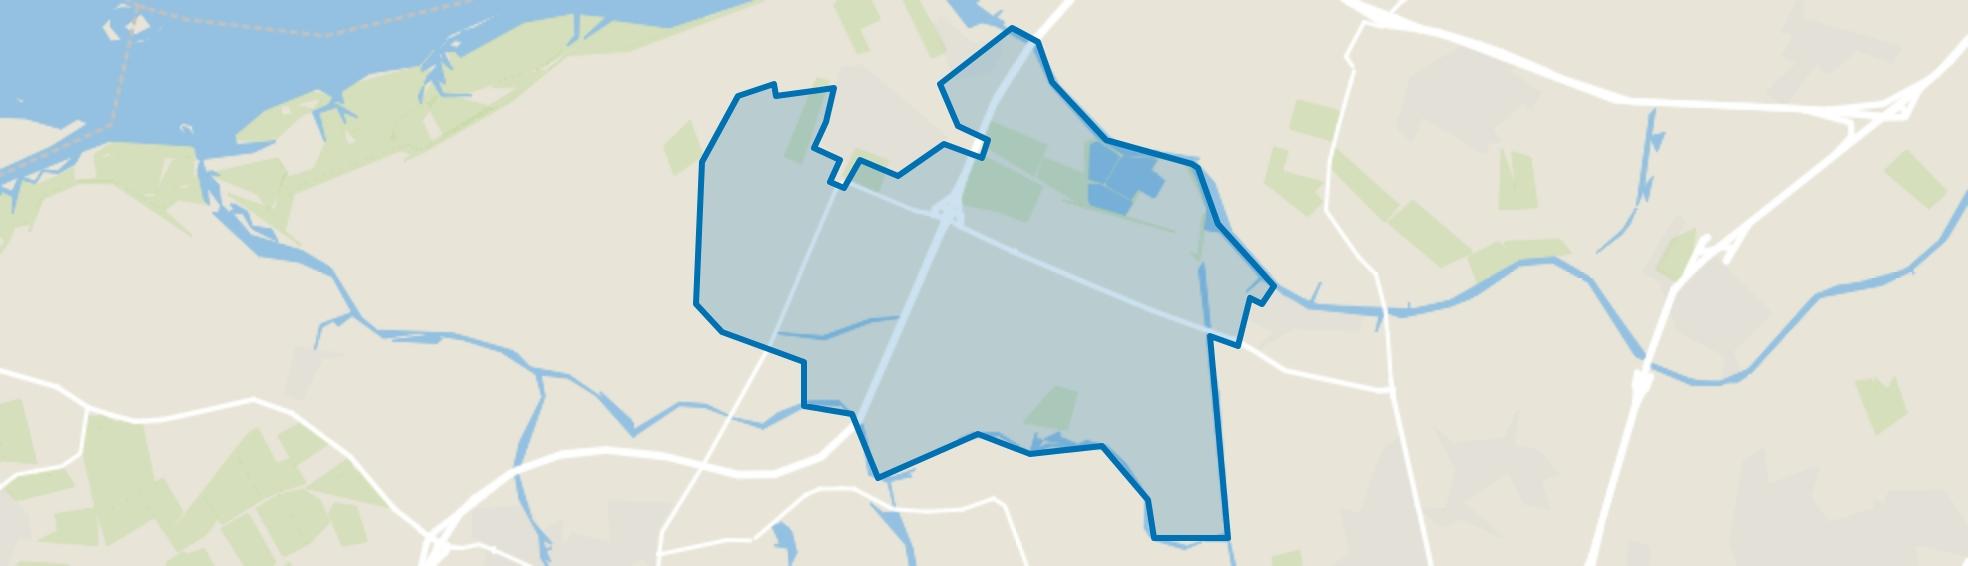 Verspreide huizen in het Oosten, Dinteloord map